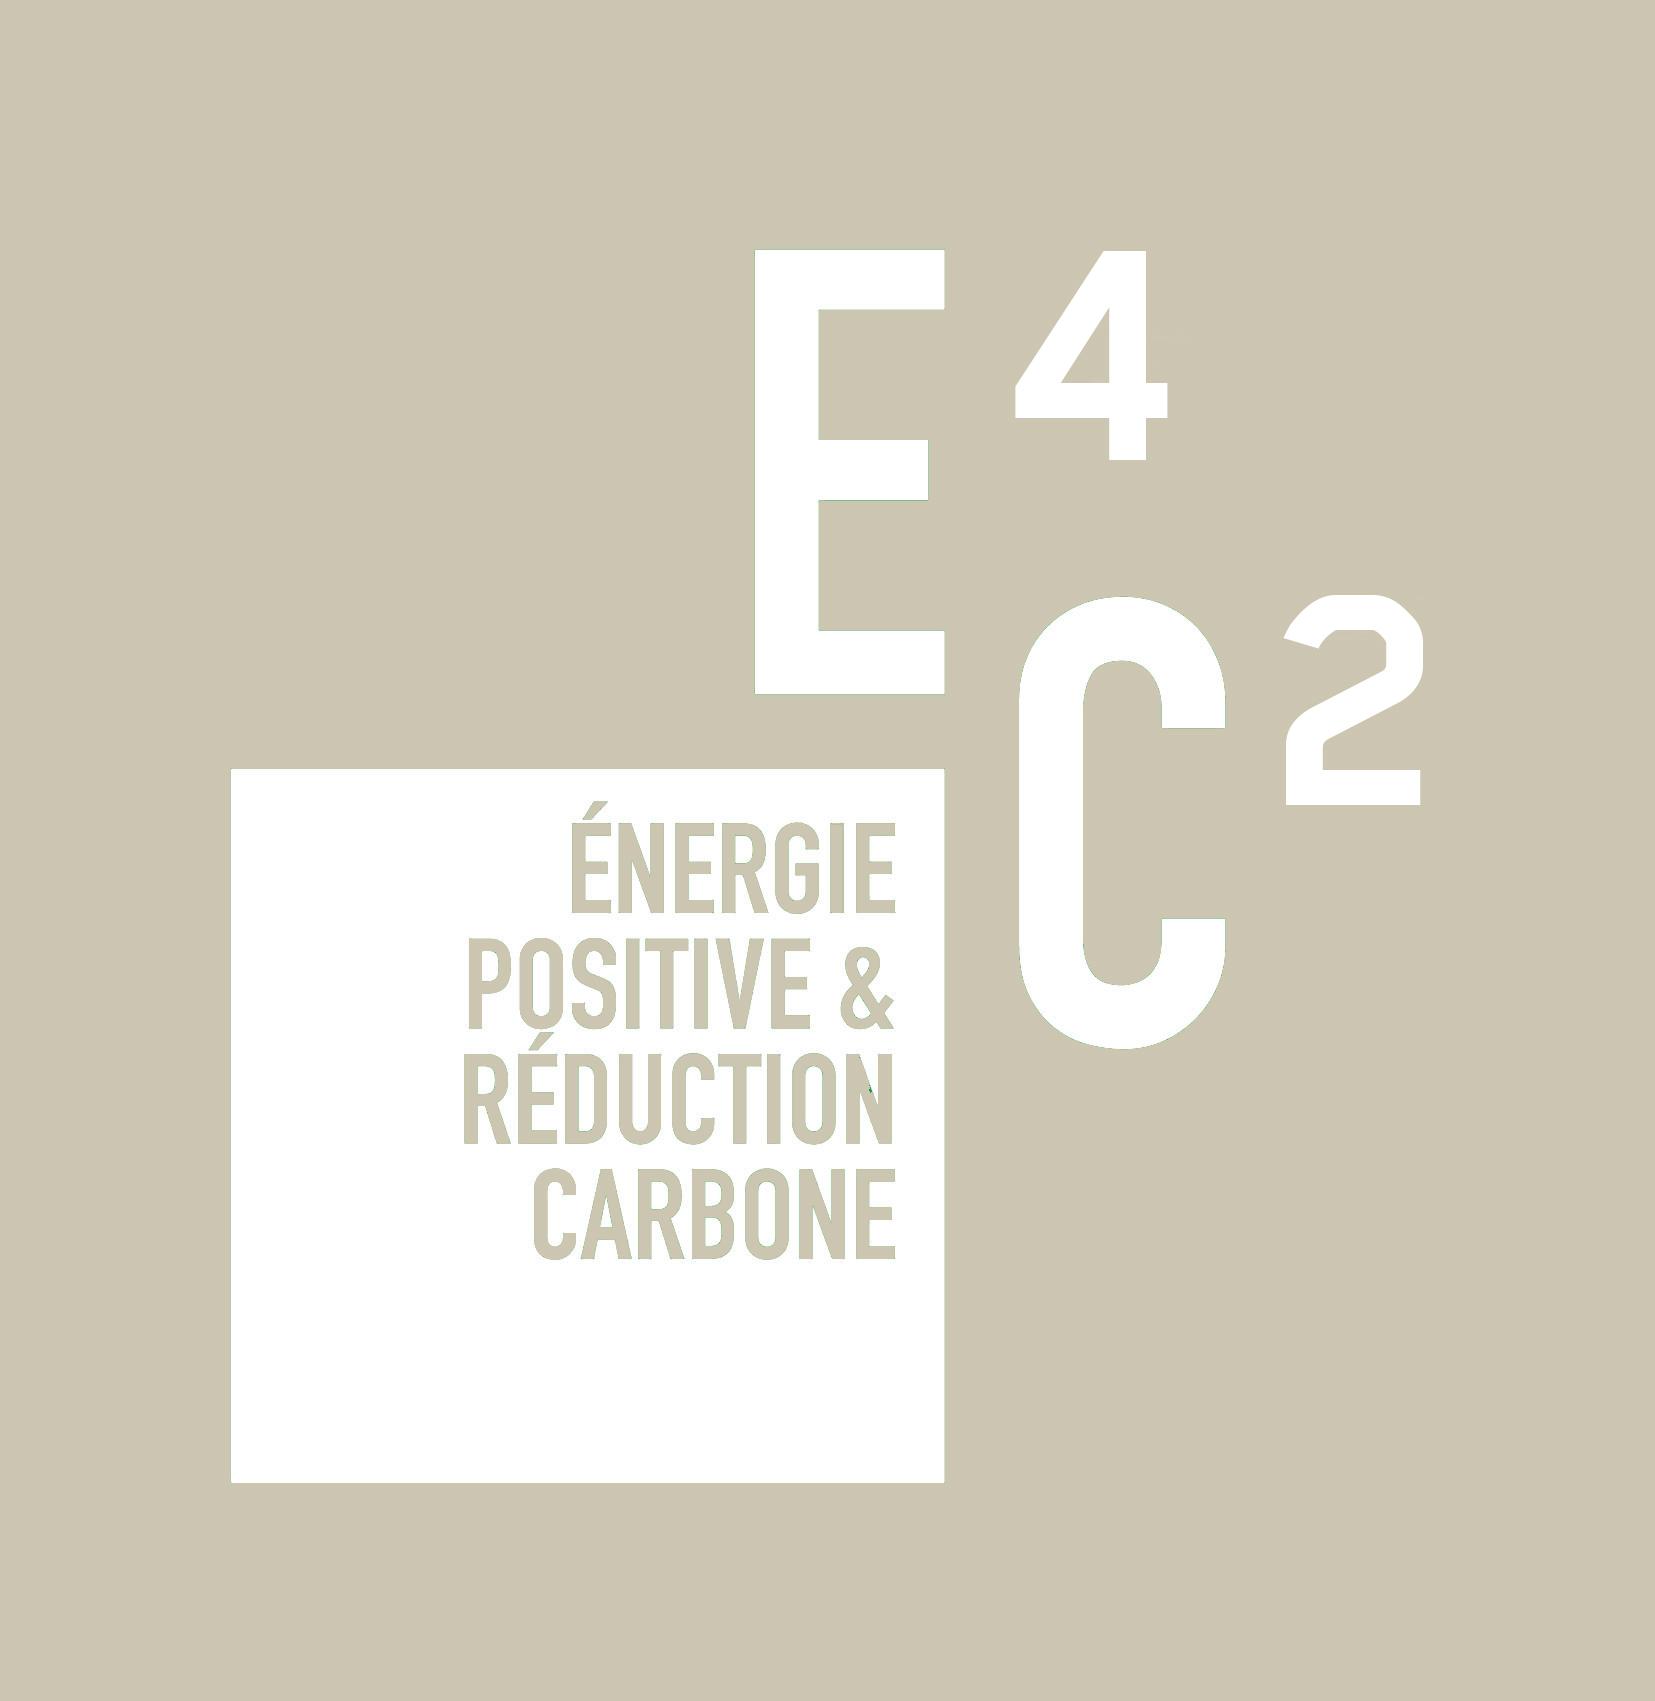 Nos engagements environnementaux, label E4C2